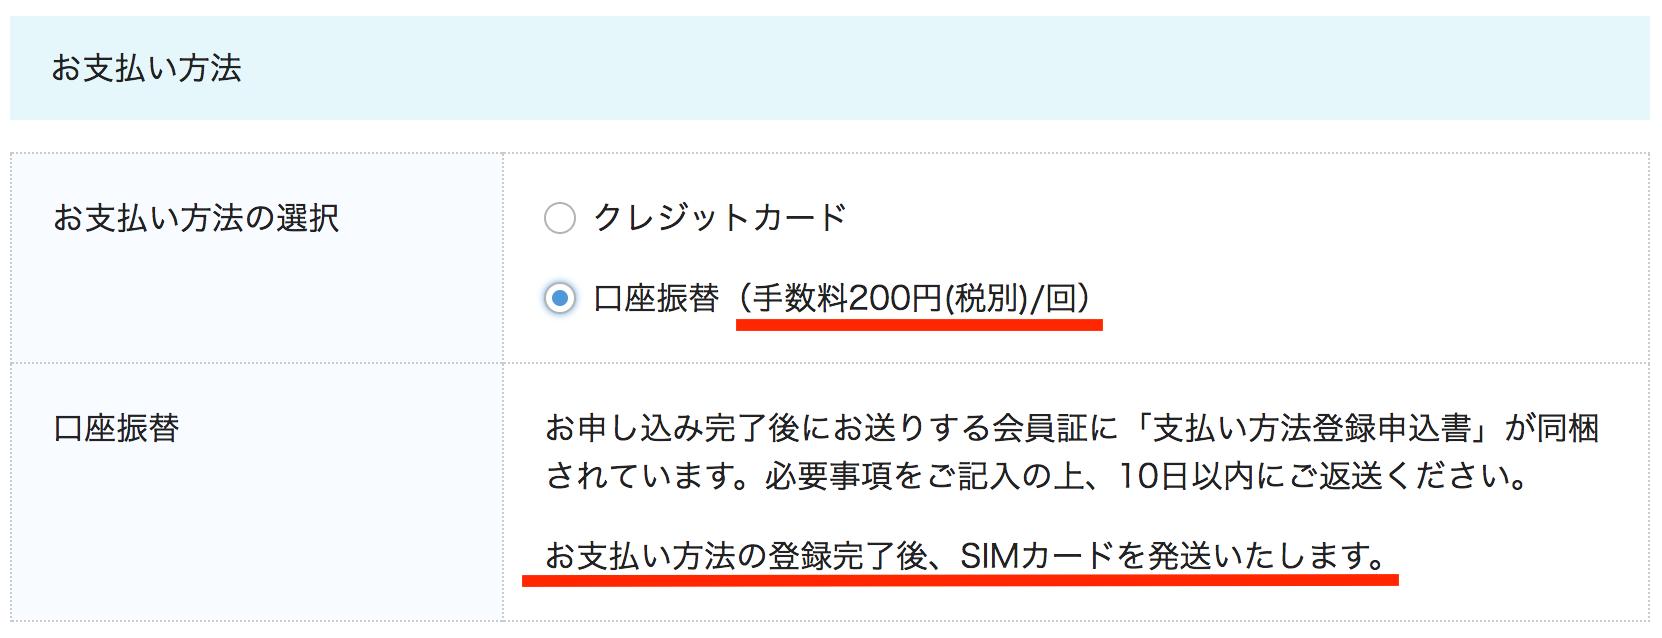 BIGLOBEモバイル口座振替のSIMカード発送は遅い